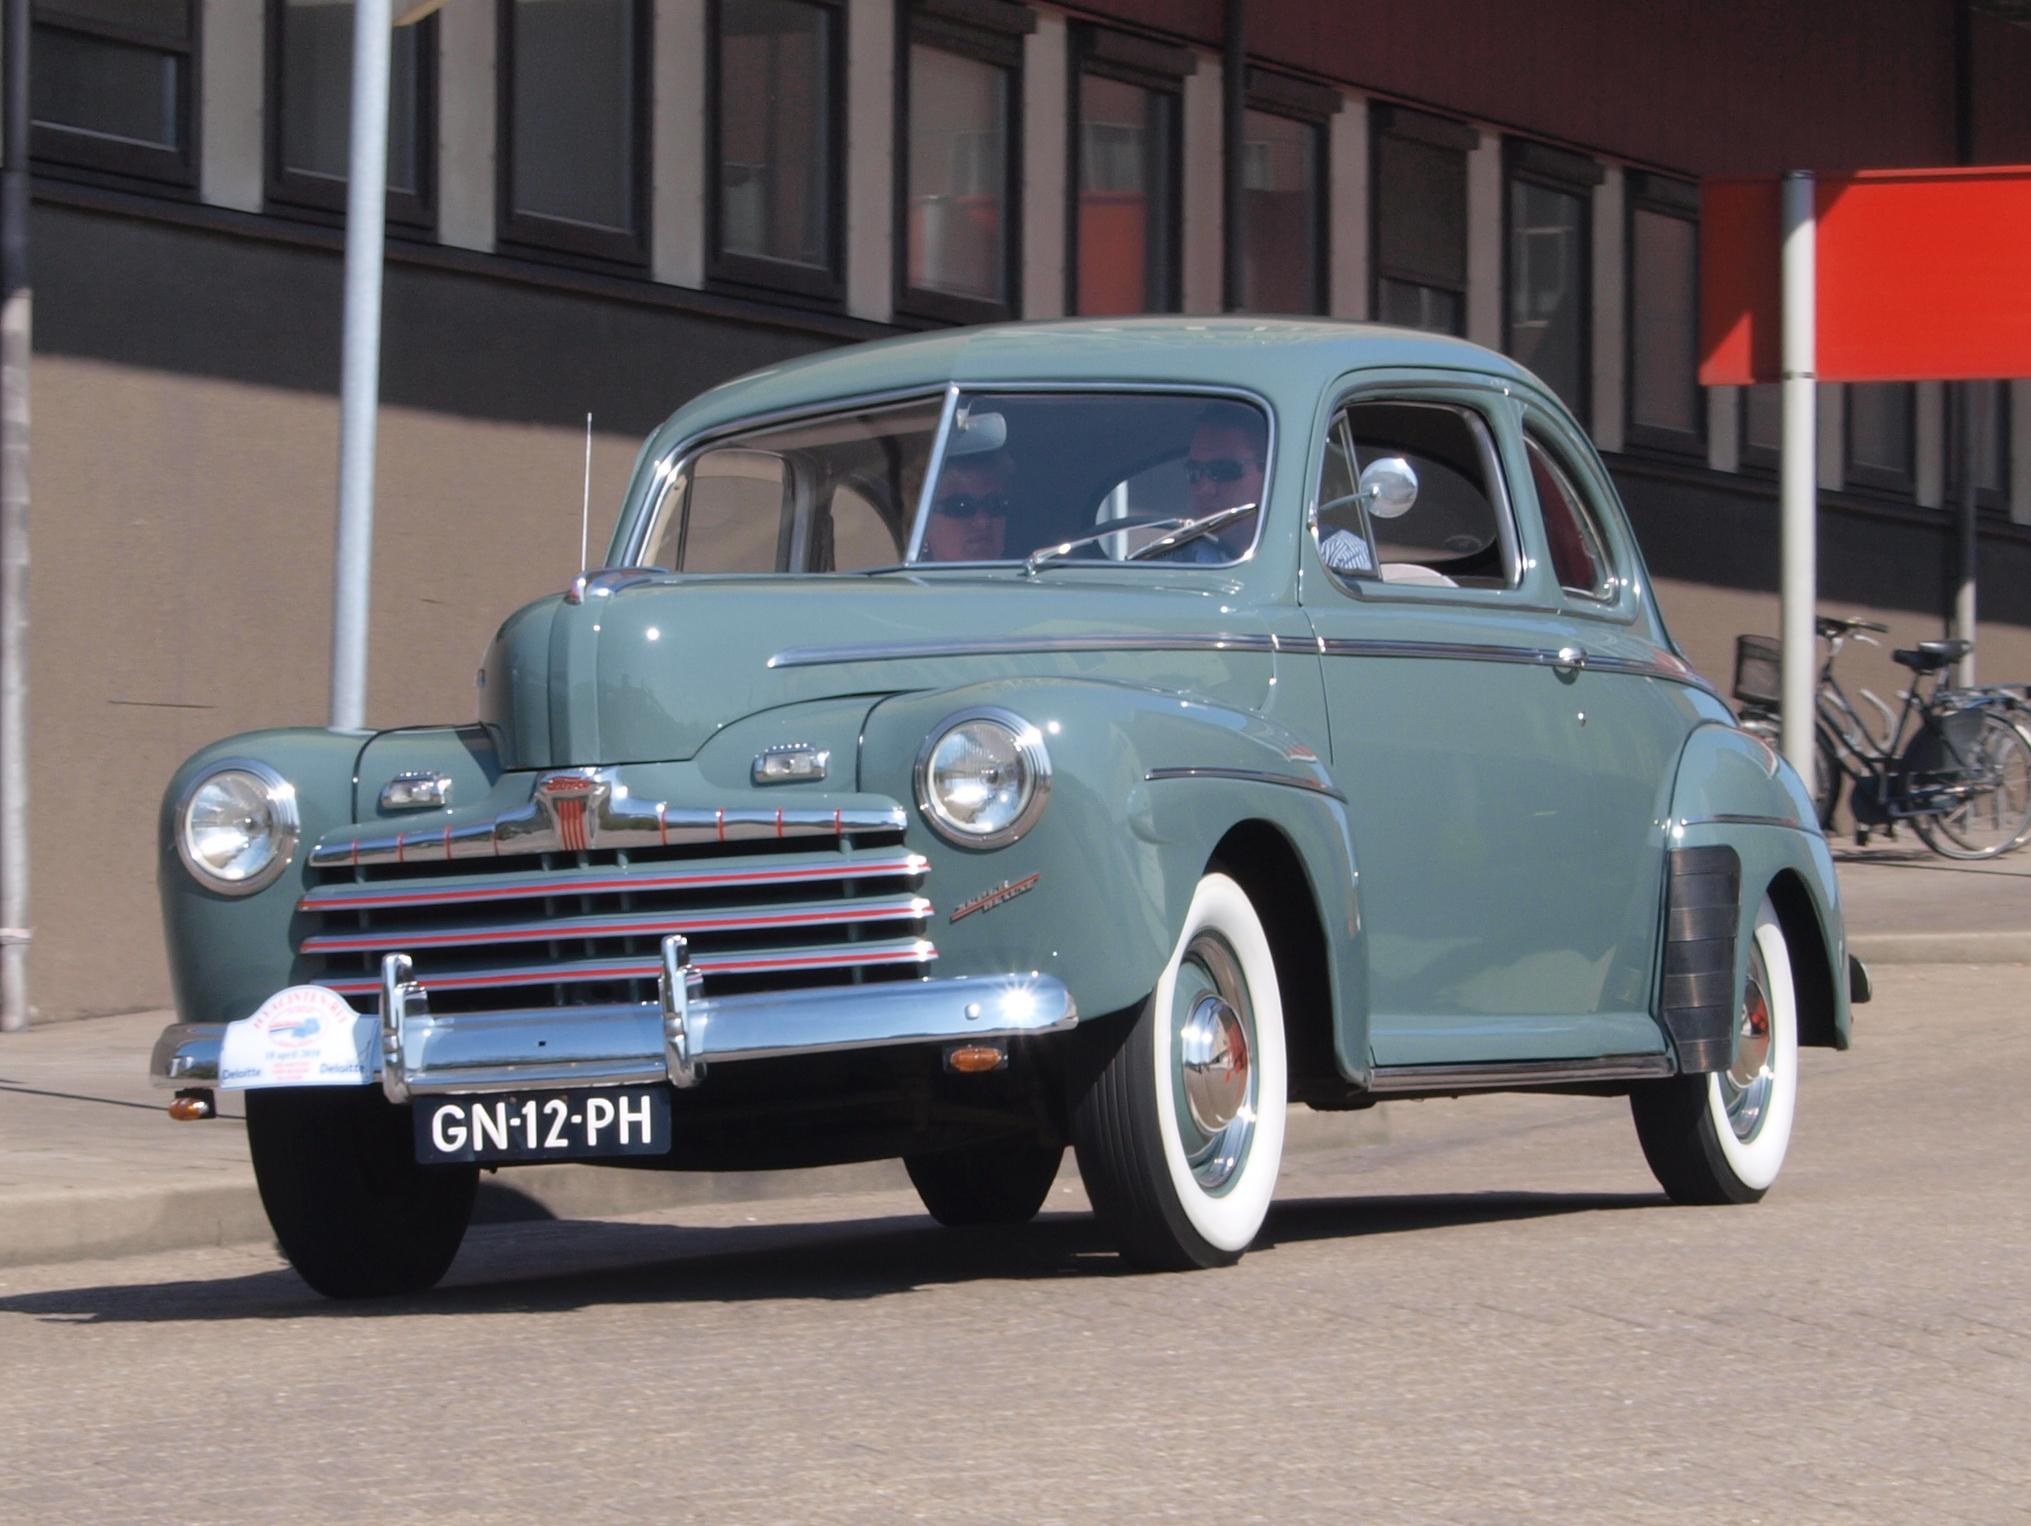 Ford_Super_de_Luxe_Coupe_(1946),_Dutch_l